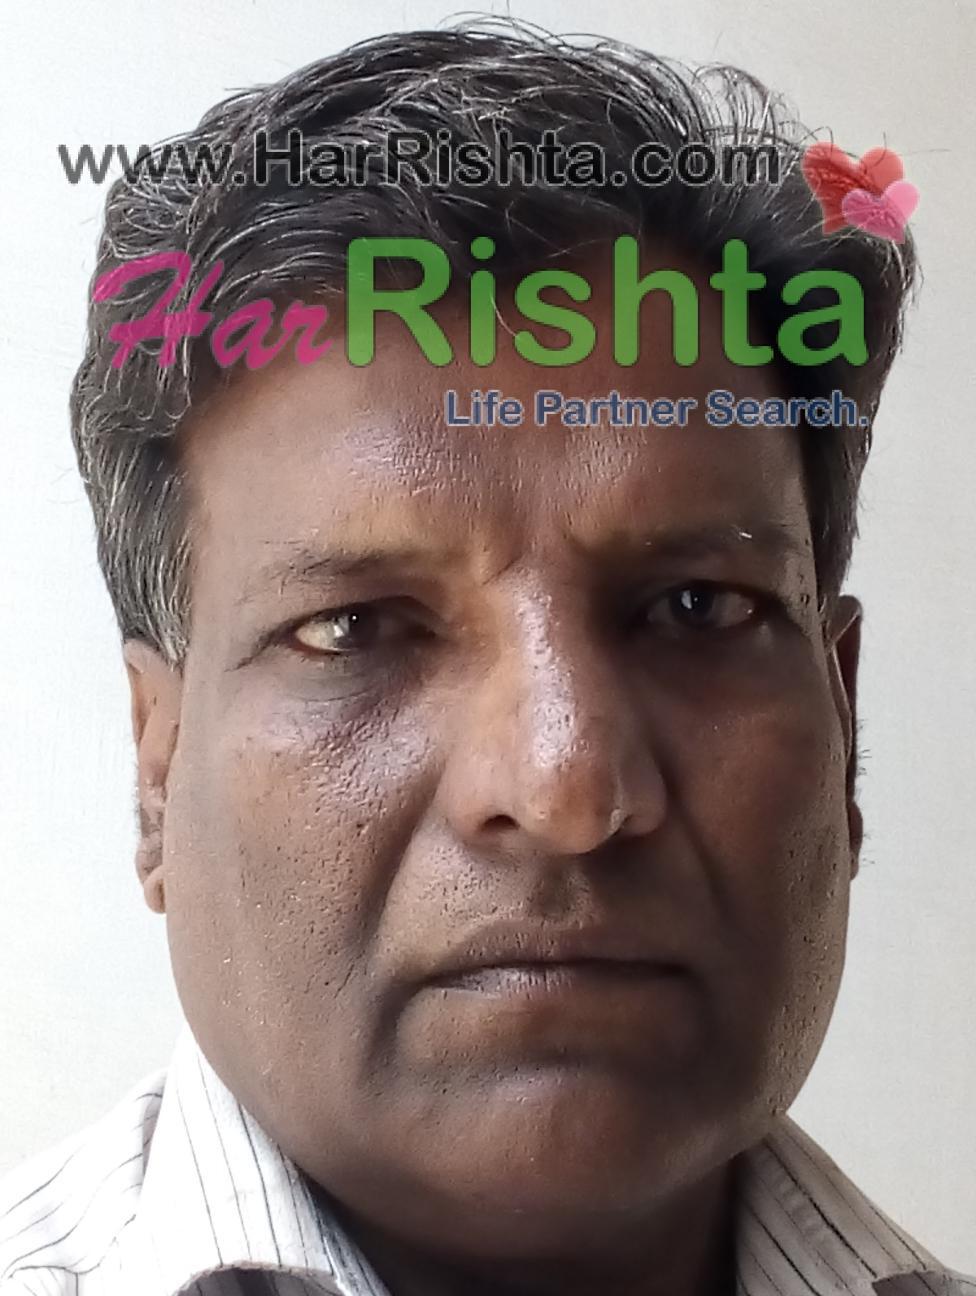 Khan Boy Rishta in Karachi